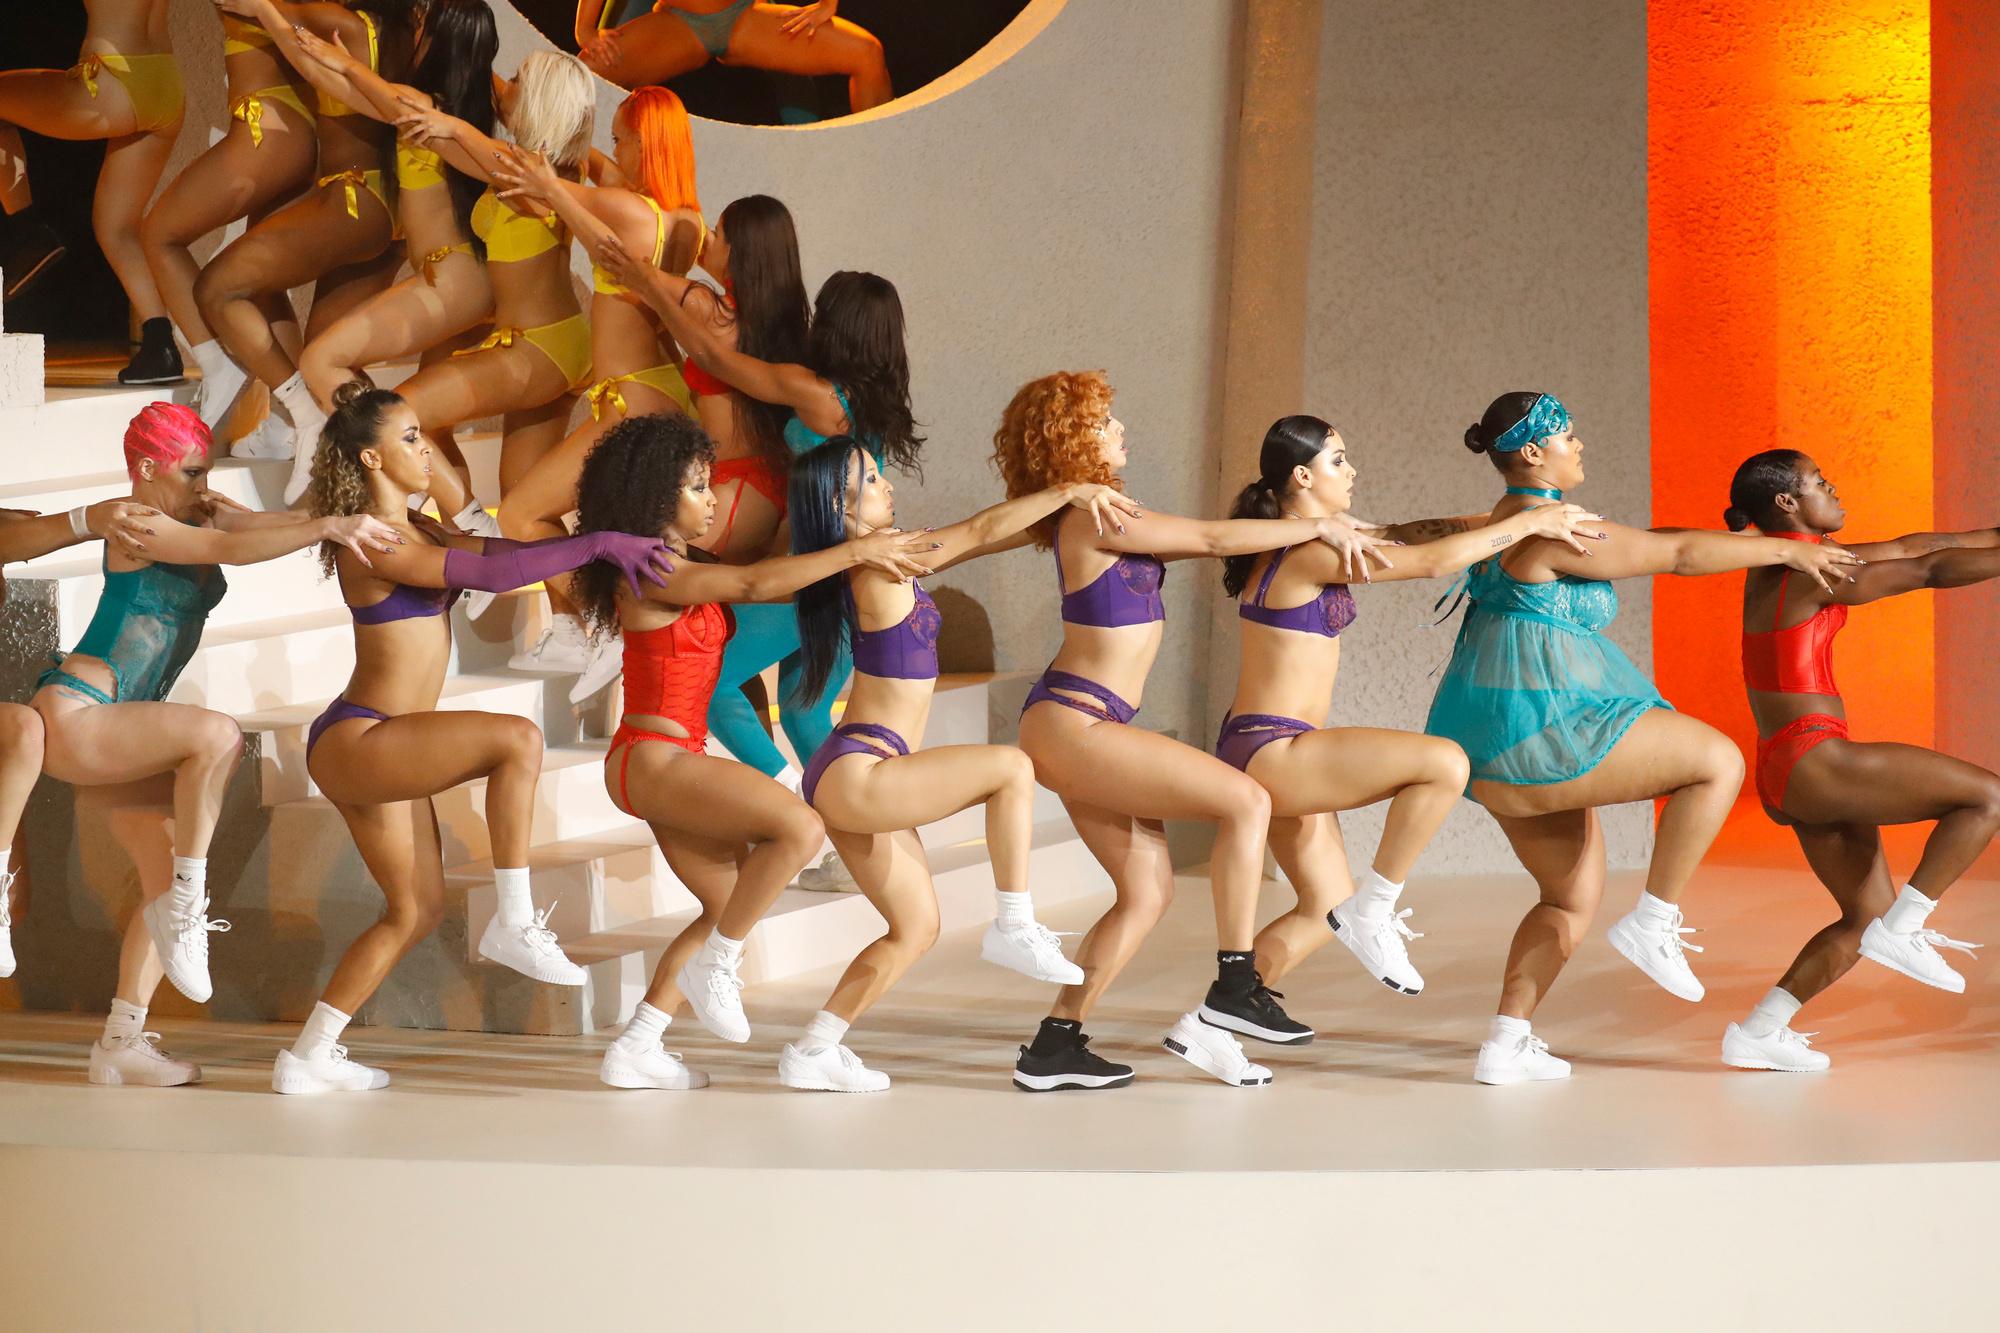 Défilé de lingerie Savage x Fenty, où les mannequins représentent toute la variété de canons que les corps peuvent recouvrir , Getty Images